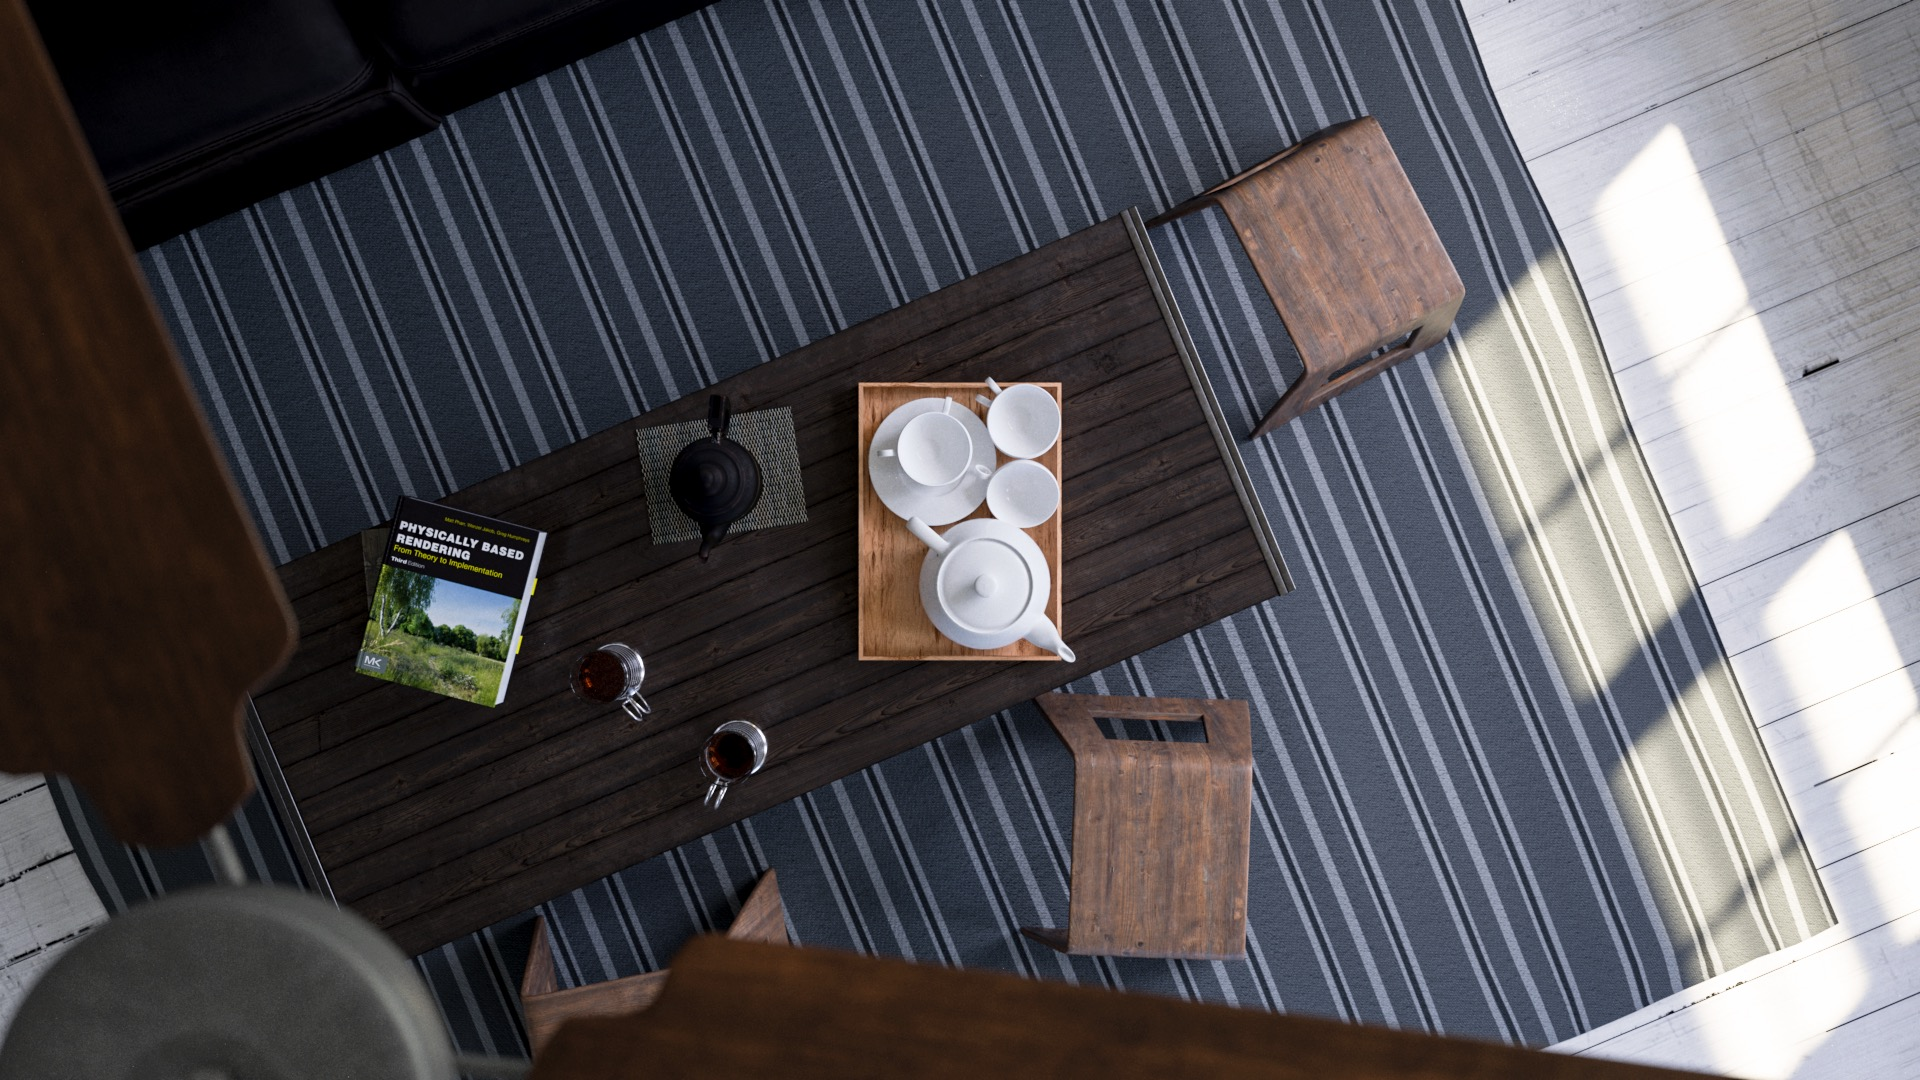 Figure 9: Utah Teapot tea set on the coffee table.